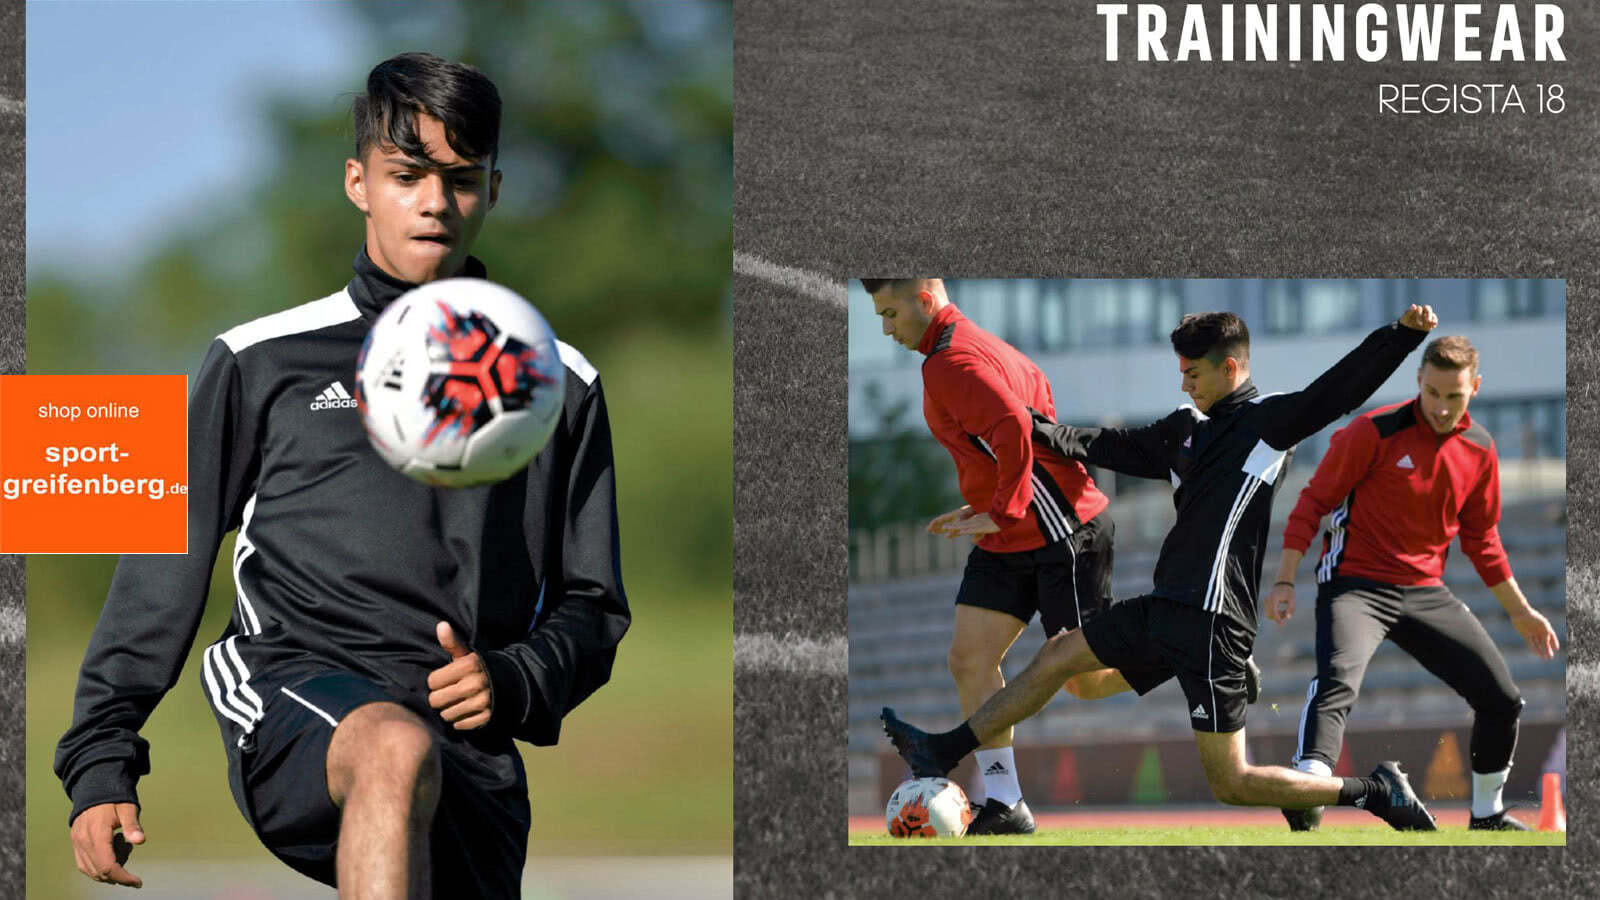 Die günstige Adidas Regista 18 Linie als Trainingsbekleidung für jede Mannschaft und jeden Sportler